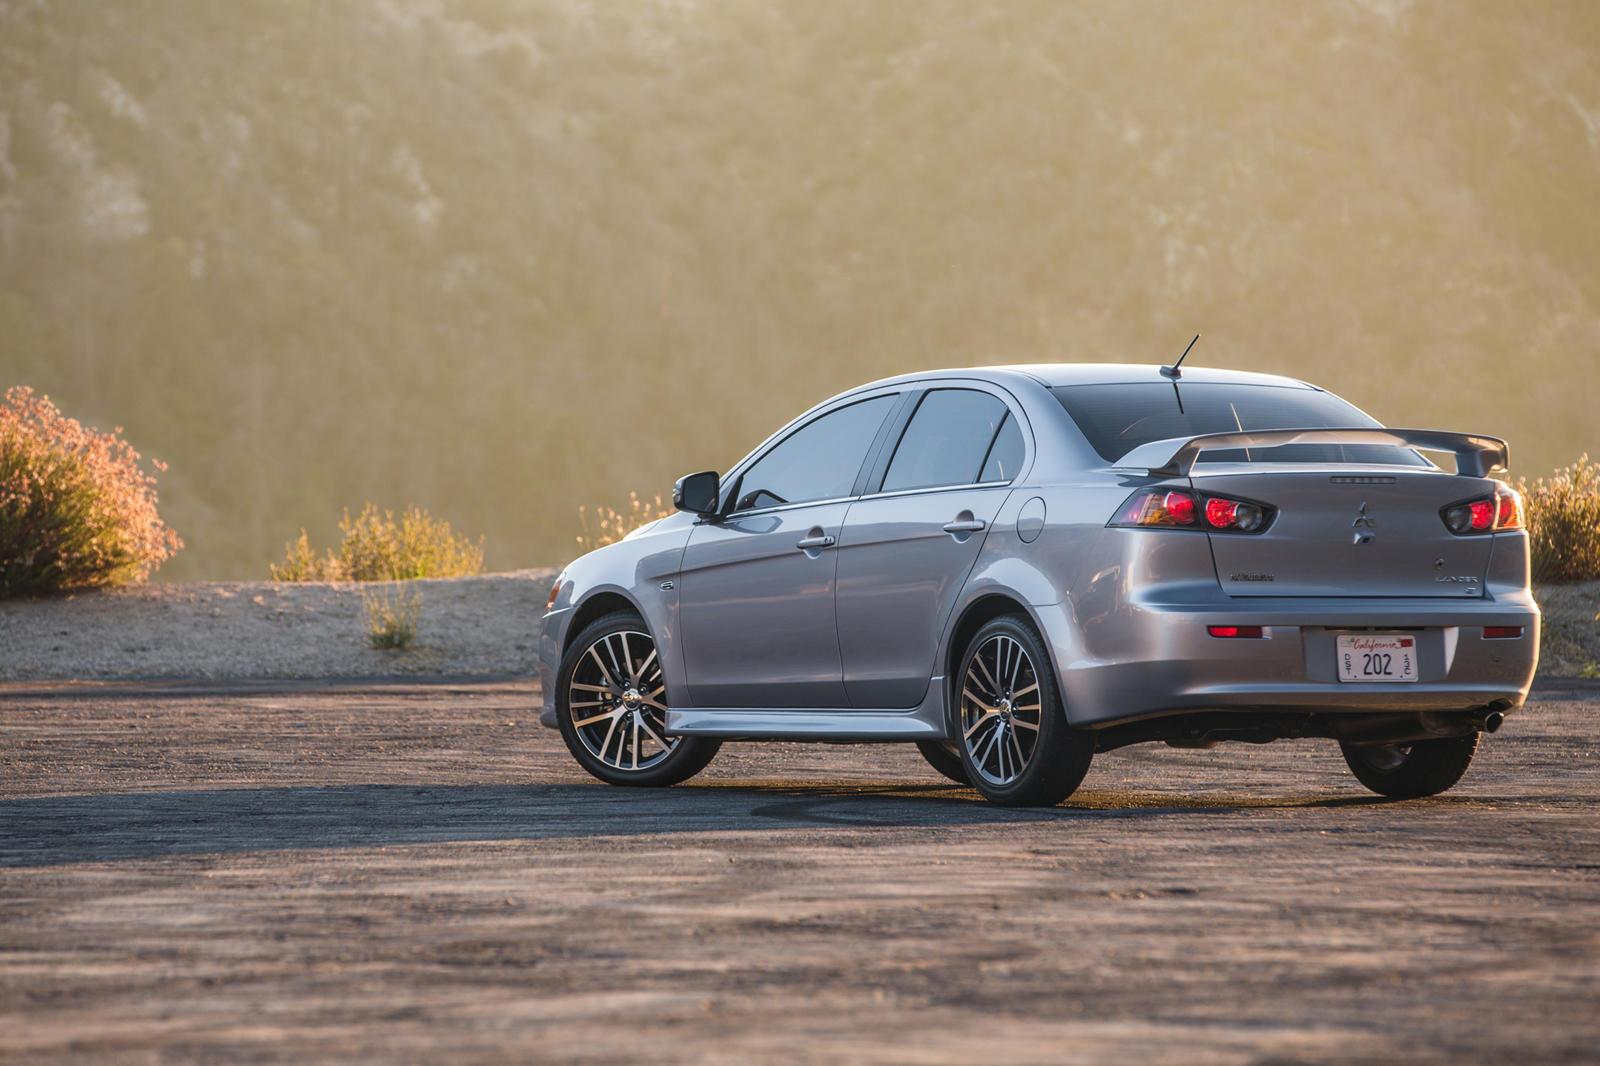 С самого начала рендеринг не кажется таким уж плохим, с этим визуальным изображением Lancer, который охватывает текущий язык дизайна Mitsubishi. Однако мы не можем честно сказать, что мы большие поклонники этого чрезмерно выраженного дизайна передних